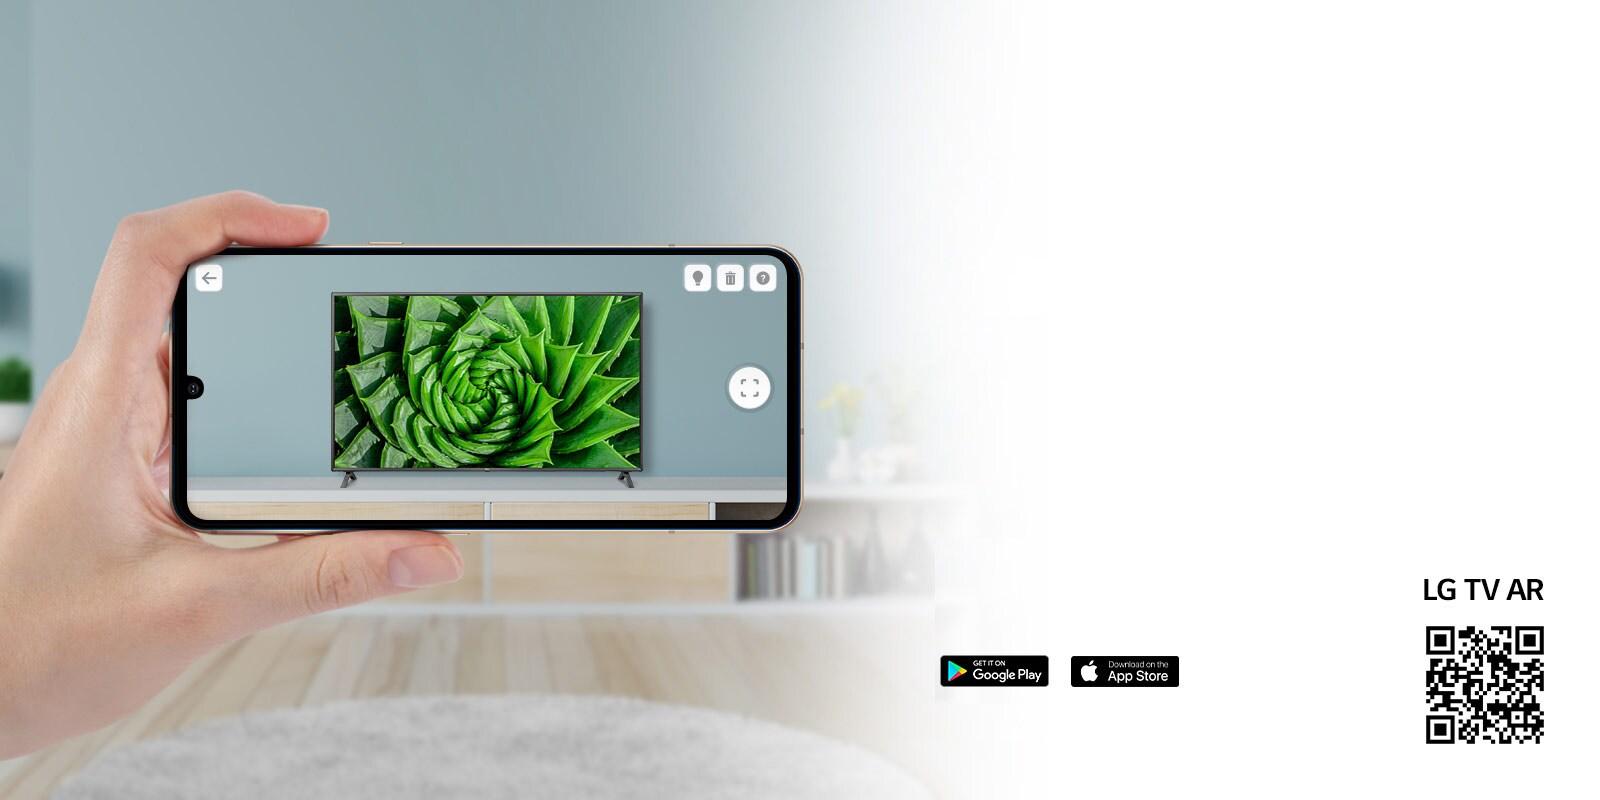 Osoba koja koristi aplikaciju LG TV AR na telefonu i QR kôd kojim se povezuje na LG TV AR (http://www.lgtvism.com/lgtvar)